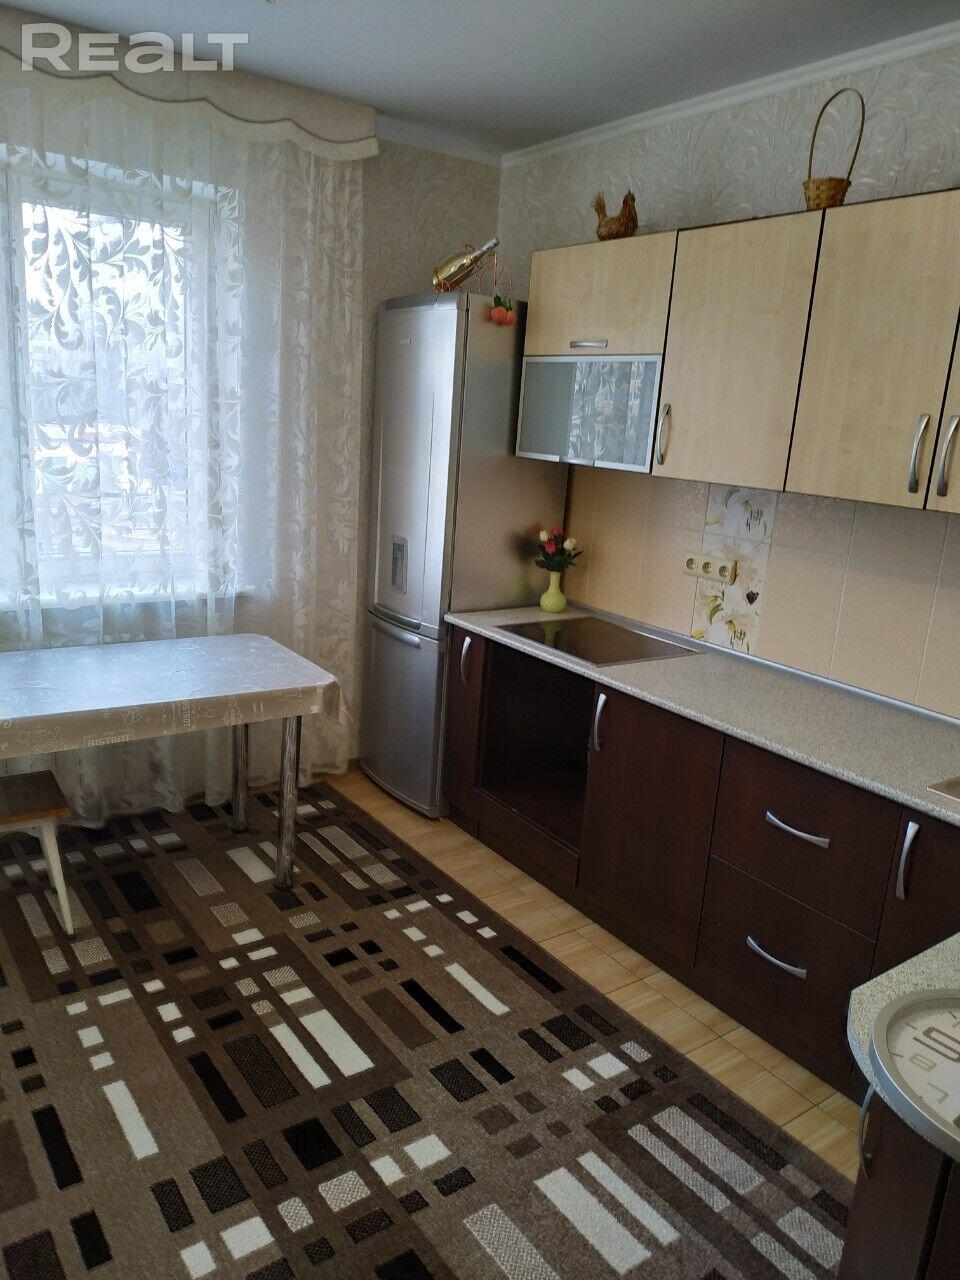 Продажа 2-х комнатной квартиры в г. Минске, ул. Тимошенко, дом 8 (р-н Запад, Красный Бор). Цена 255 020 руб